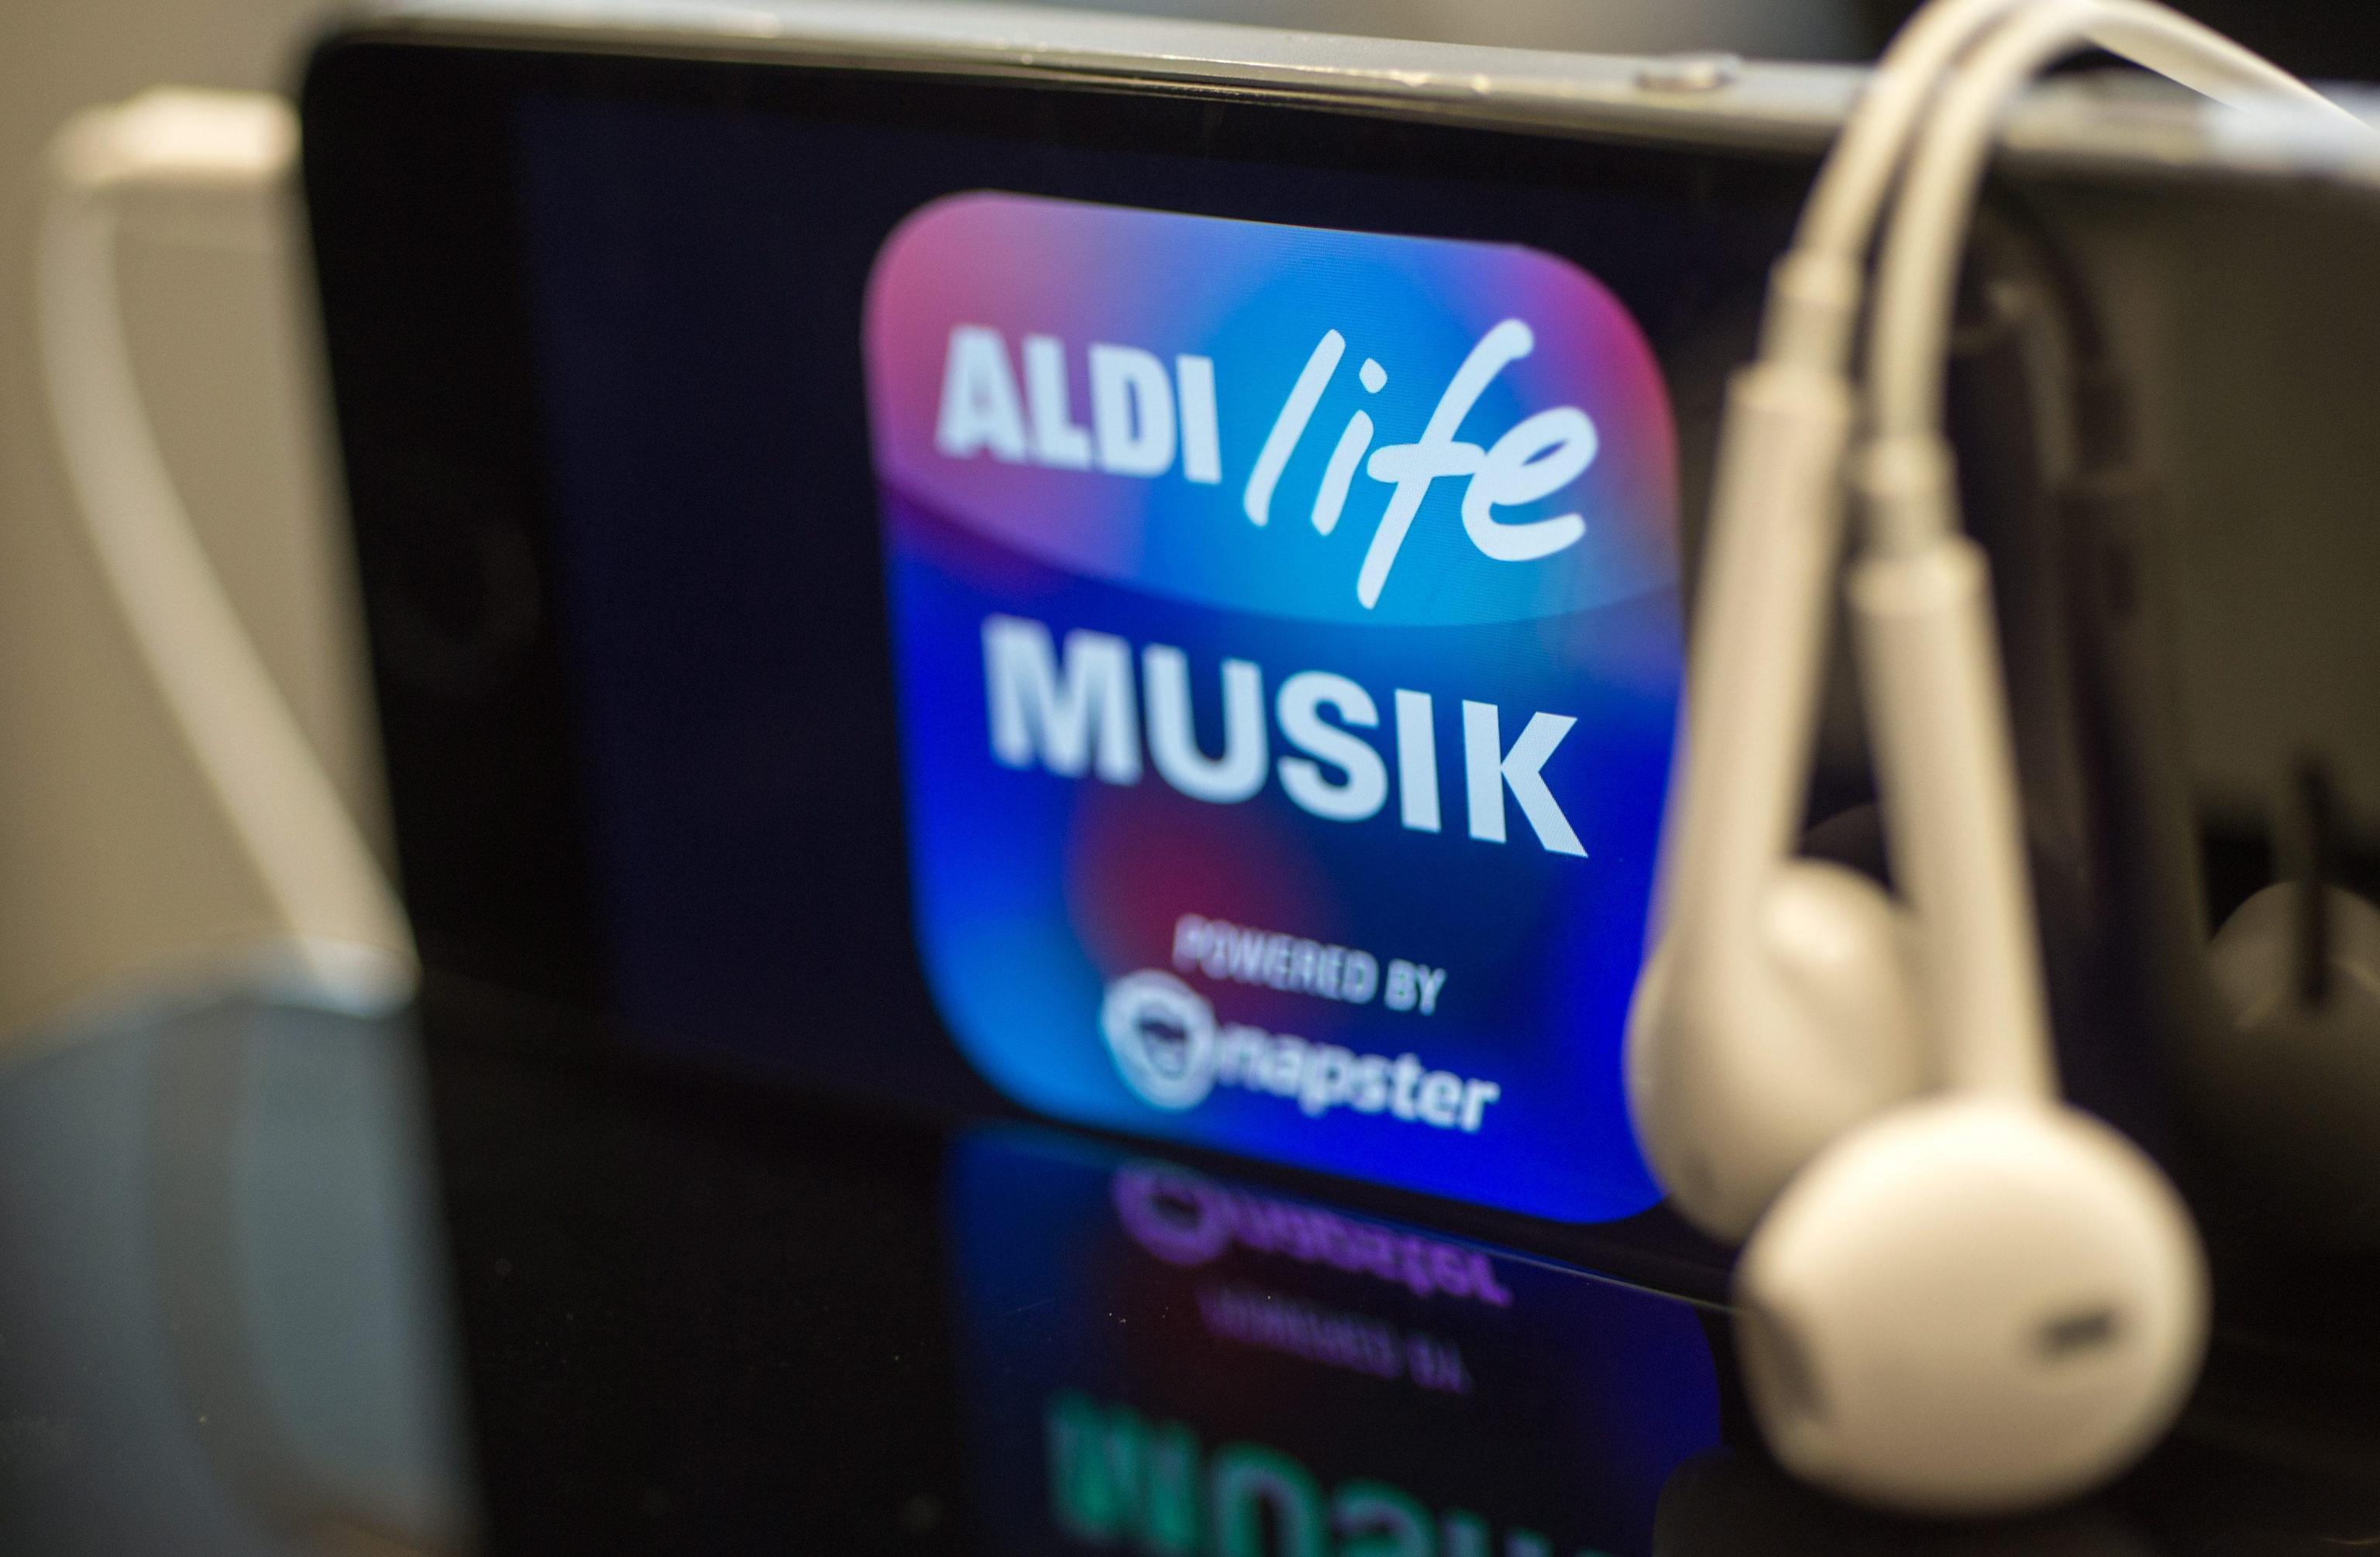 Le migliori app per scaricare musica sul tuo smartphone